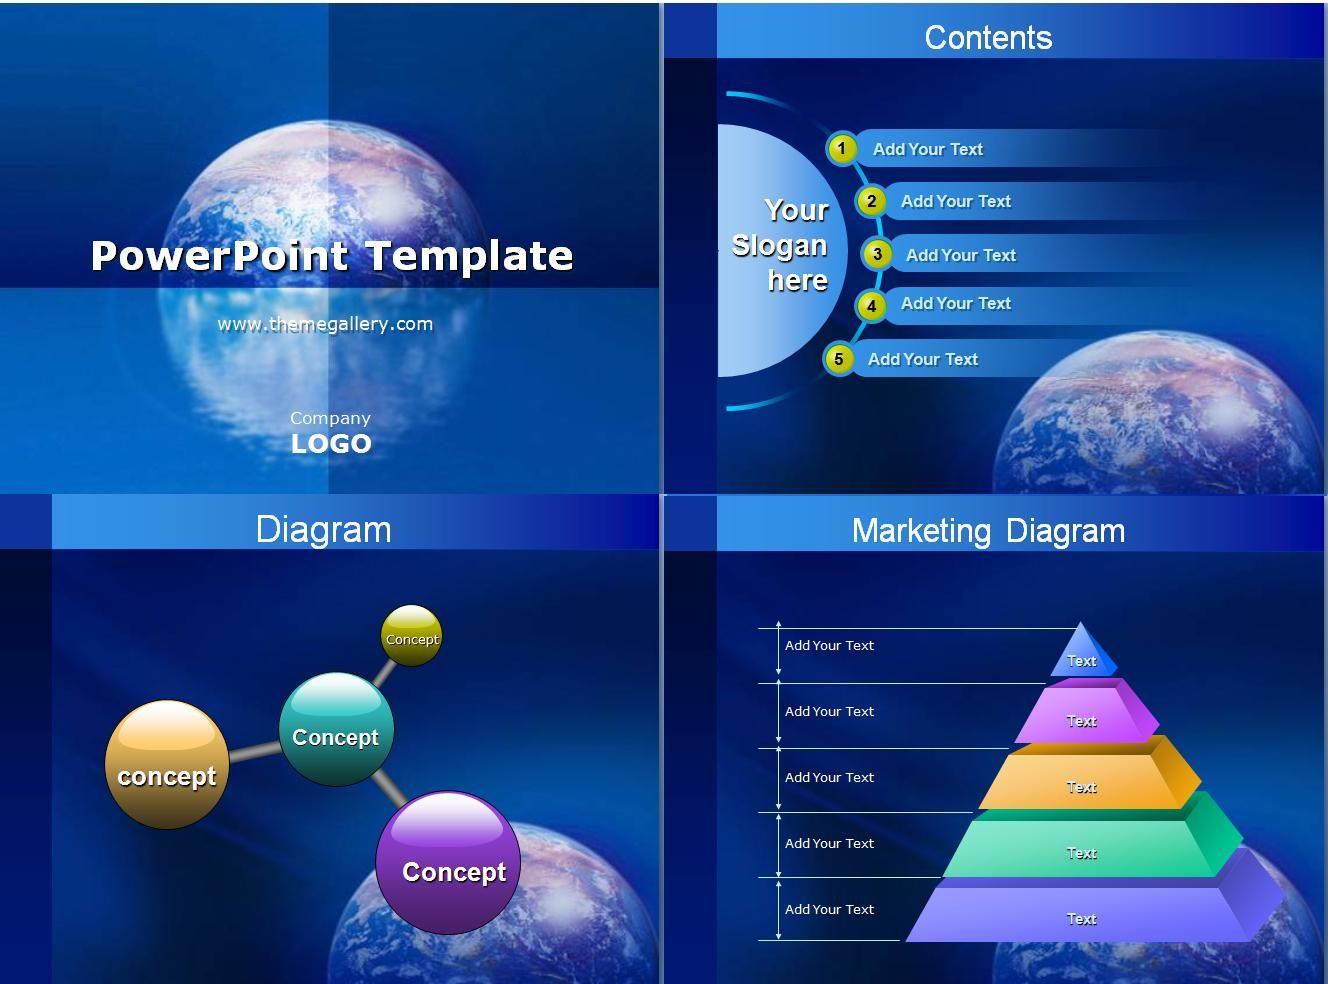 Plantillas para PowerPoint presentaciones - Identi | Plantillas para ...